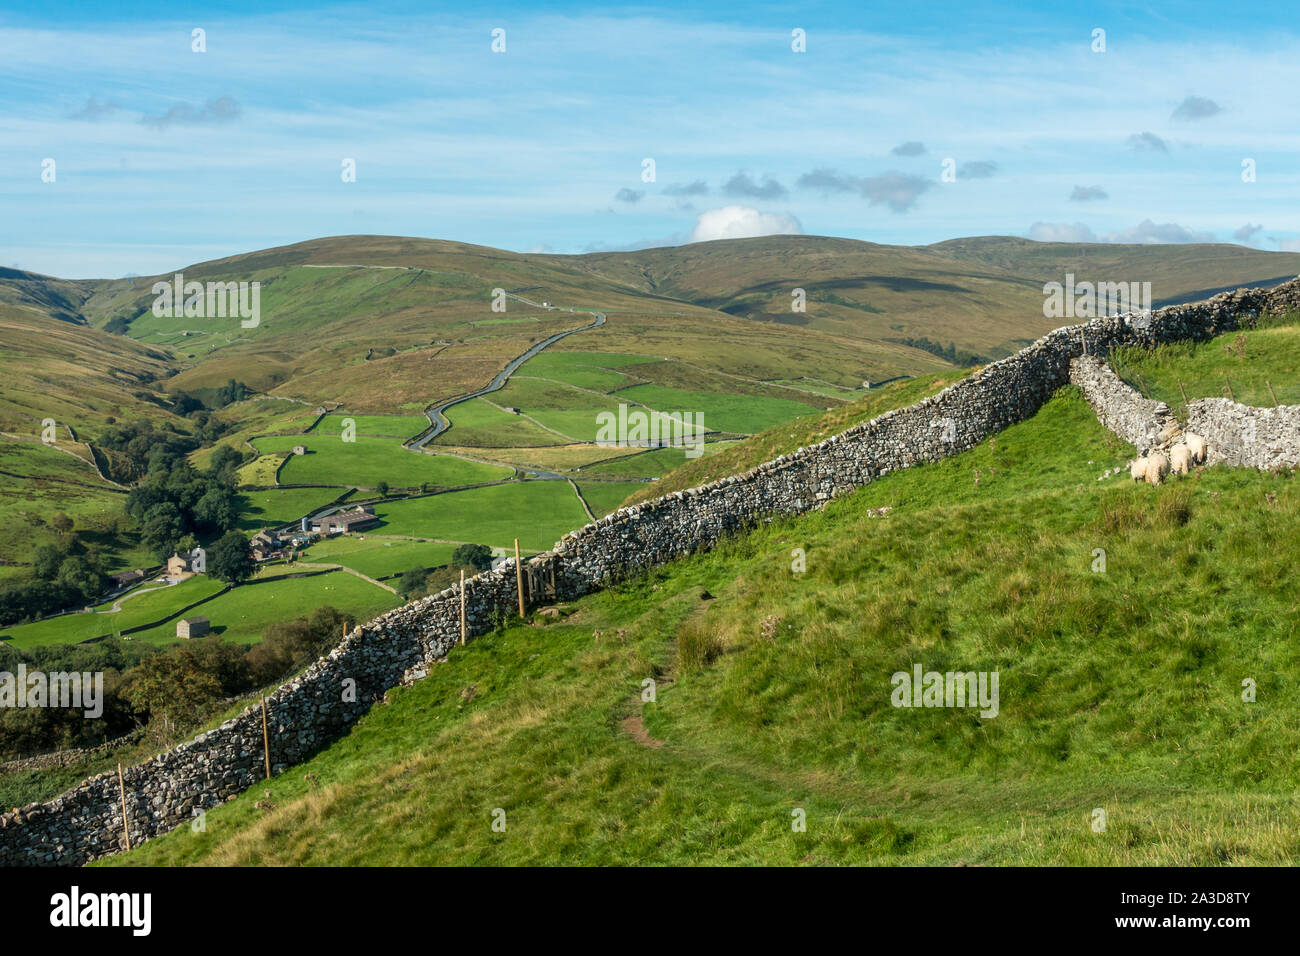 À Buttertubs au col (célèbre le vélo de route de la montagne) à une distance de Swaledale et beaucoup de vieux bâtiments en pierre, dans le Yorkshire Dales National Park Banque D'Images